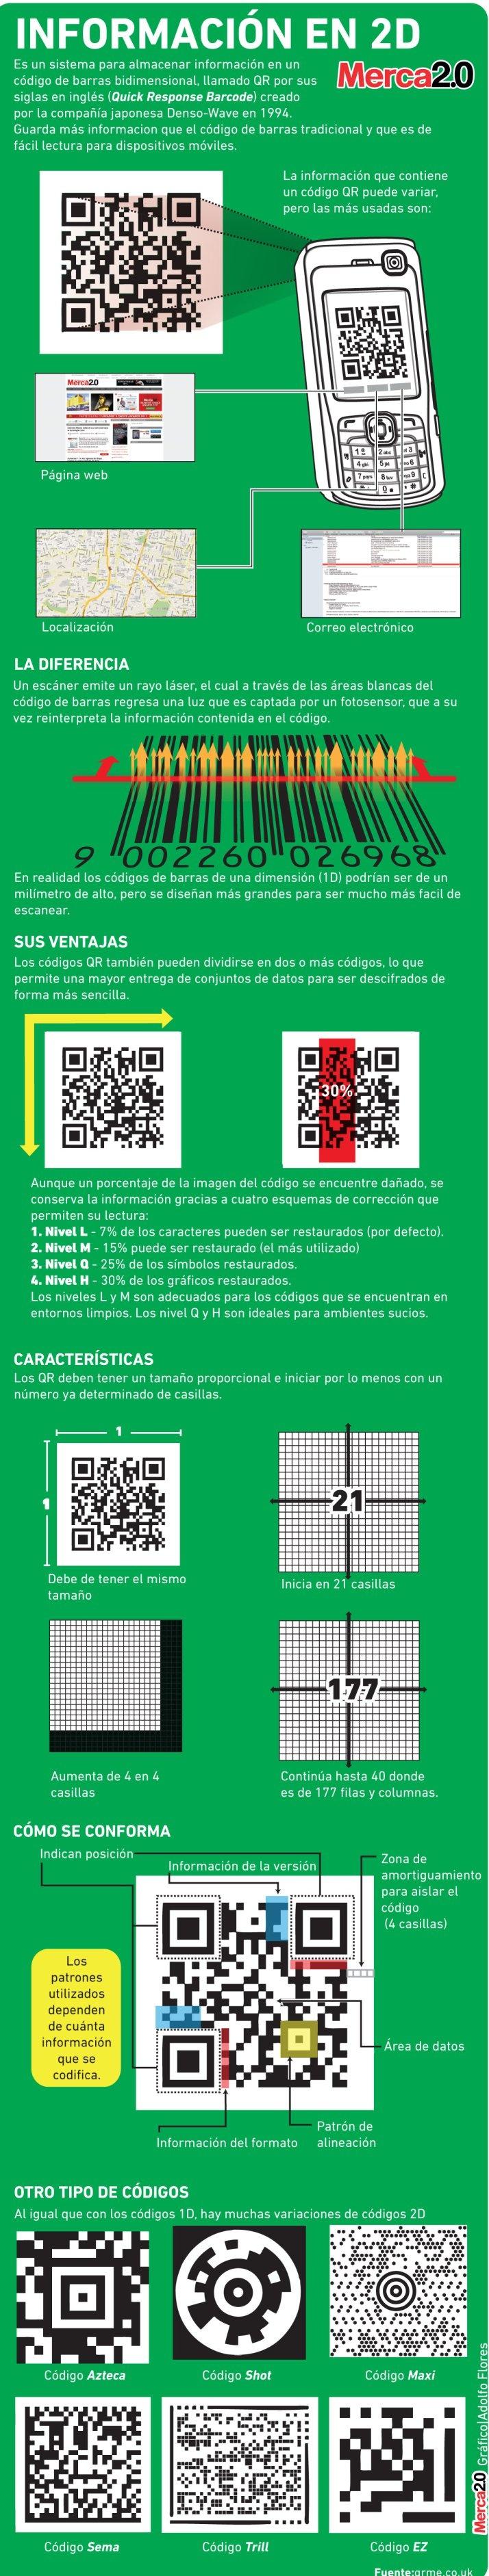 Qué son los códigos QR #infografia vía @MontielVicente // Selección del blog Útopo Libre http://www.utopolibre.educahistoria.com